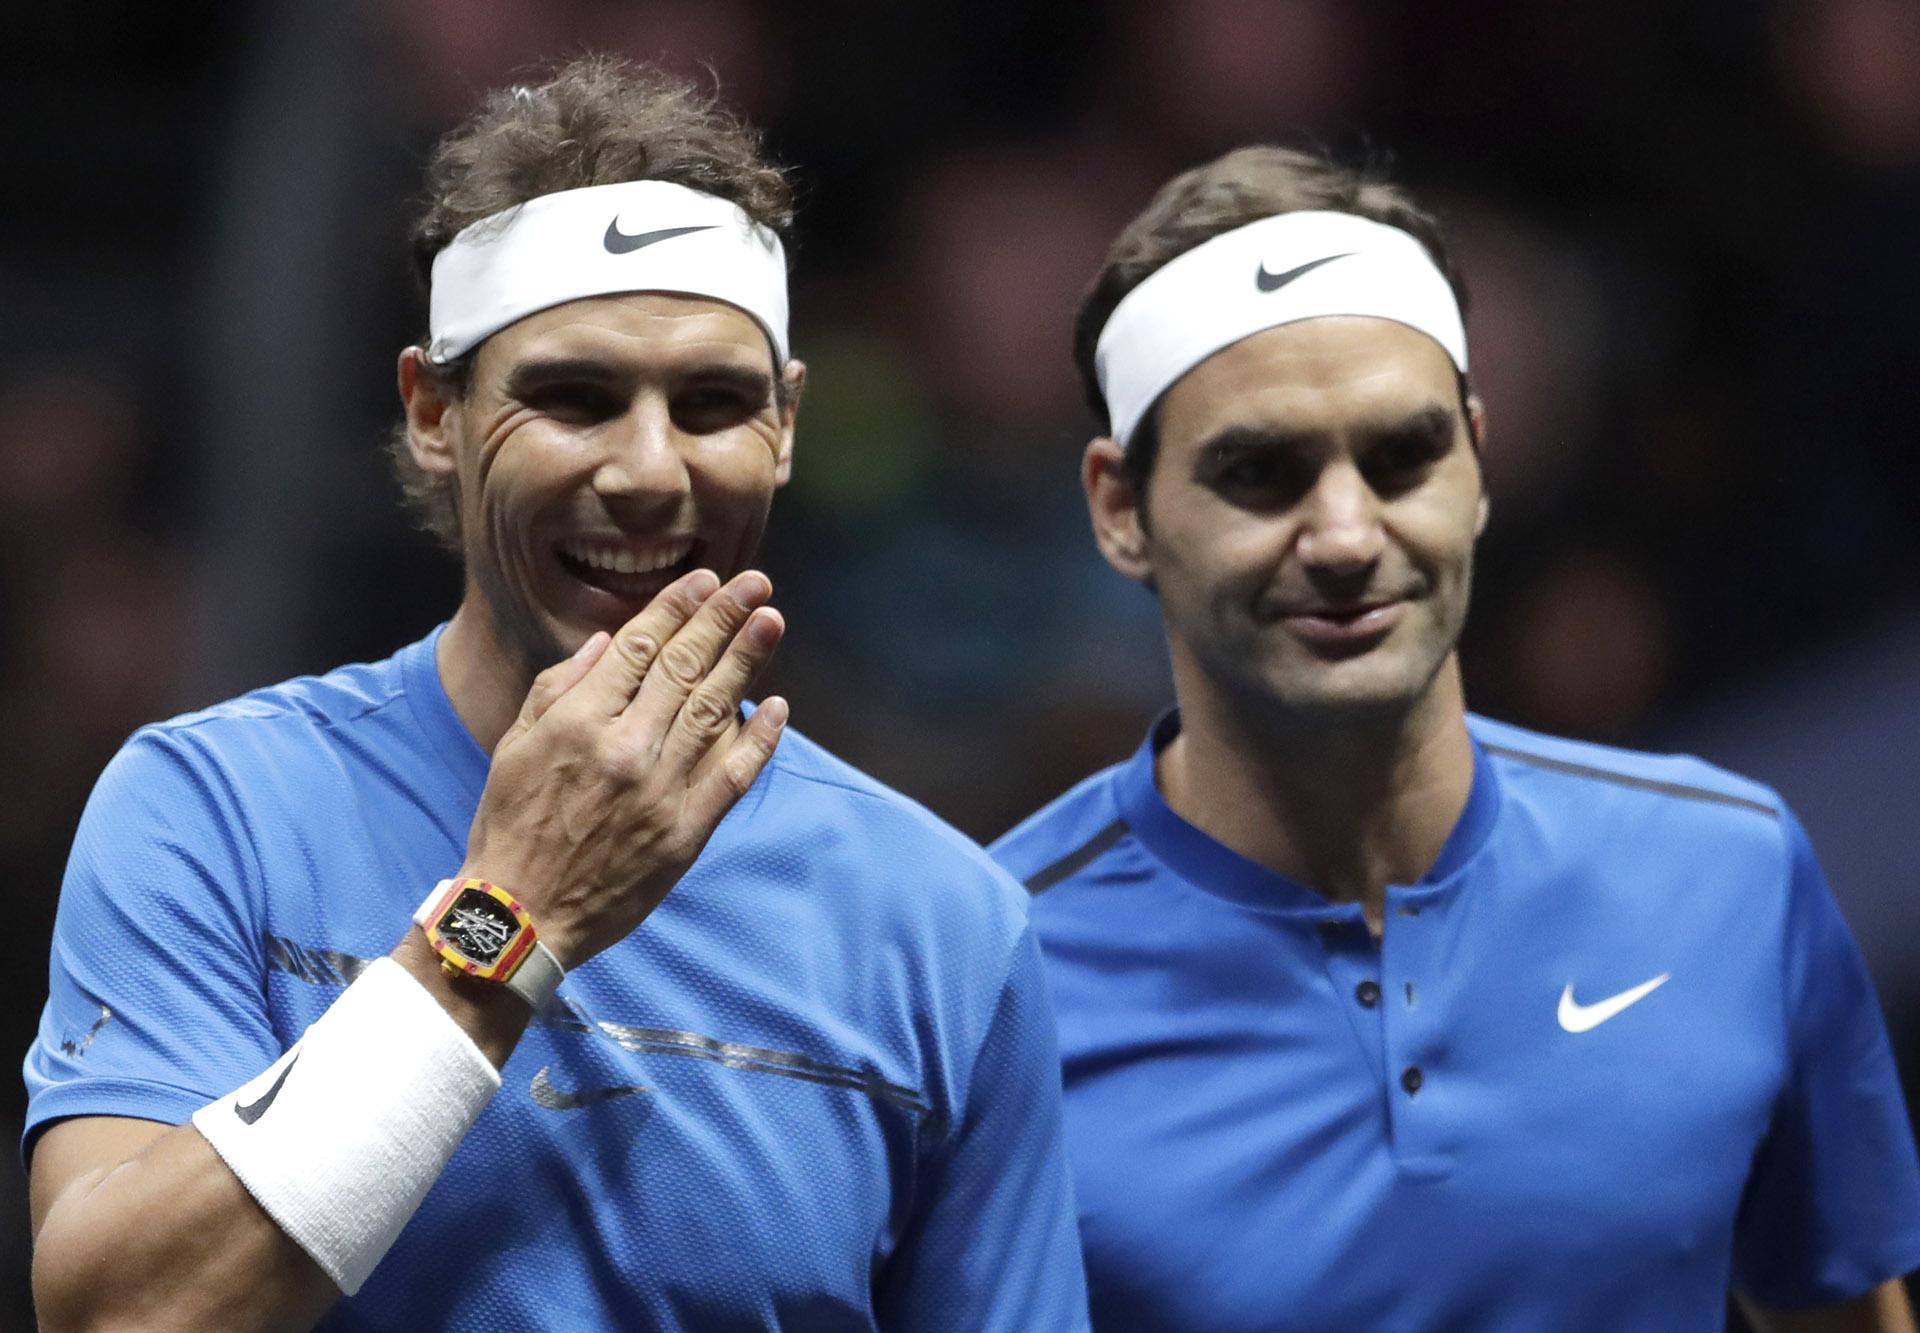 John McEnroe y su hermano Patrick soncapitán y ayudante, respectivamente, del conjunto de tenistas del mundo.